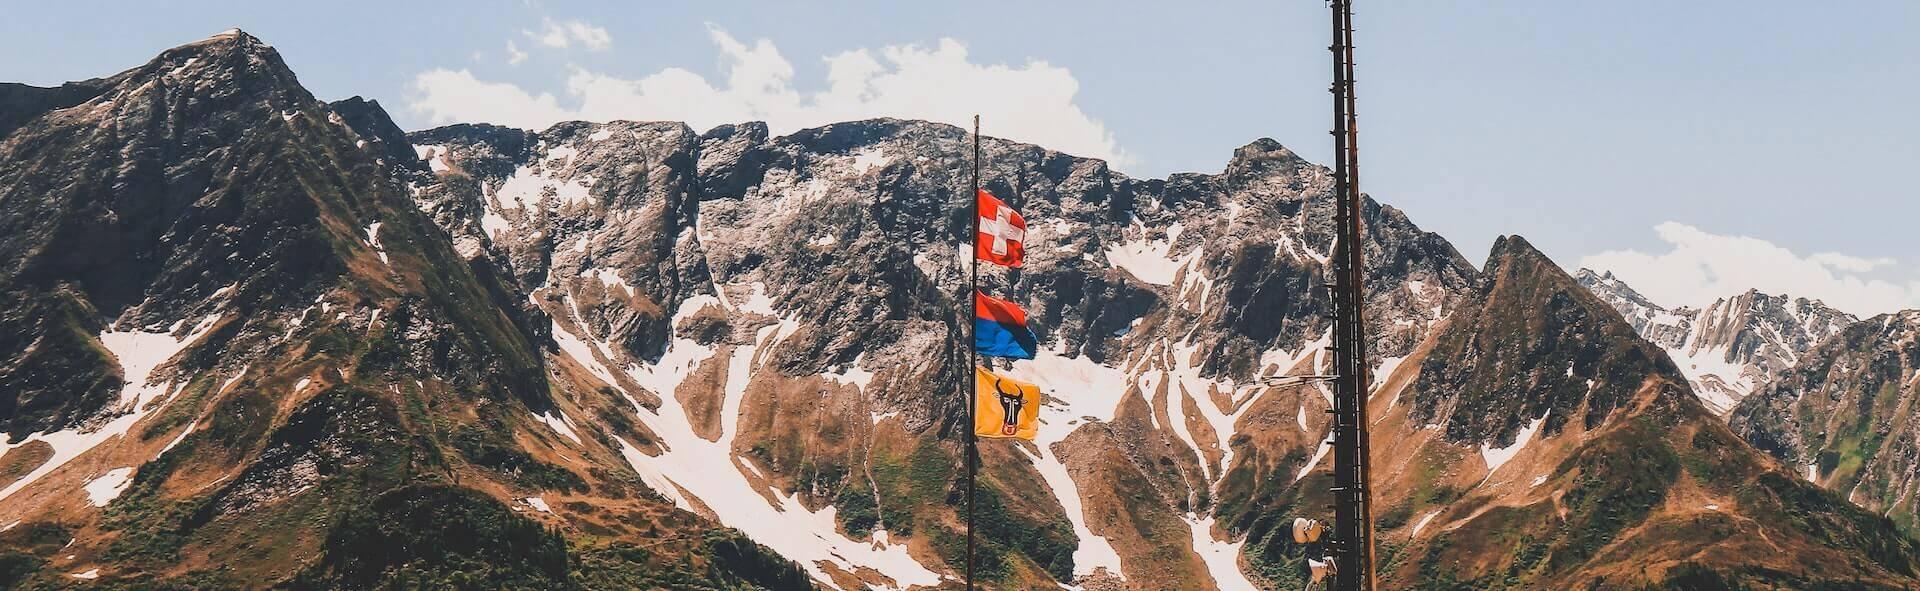 Grenzgänger Handbuch Informationen für Grenzgänger in der Schweiz